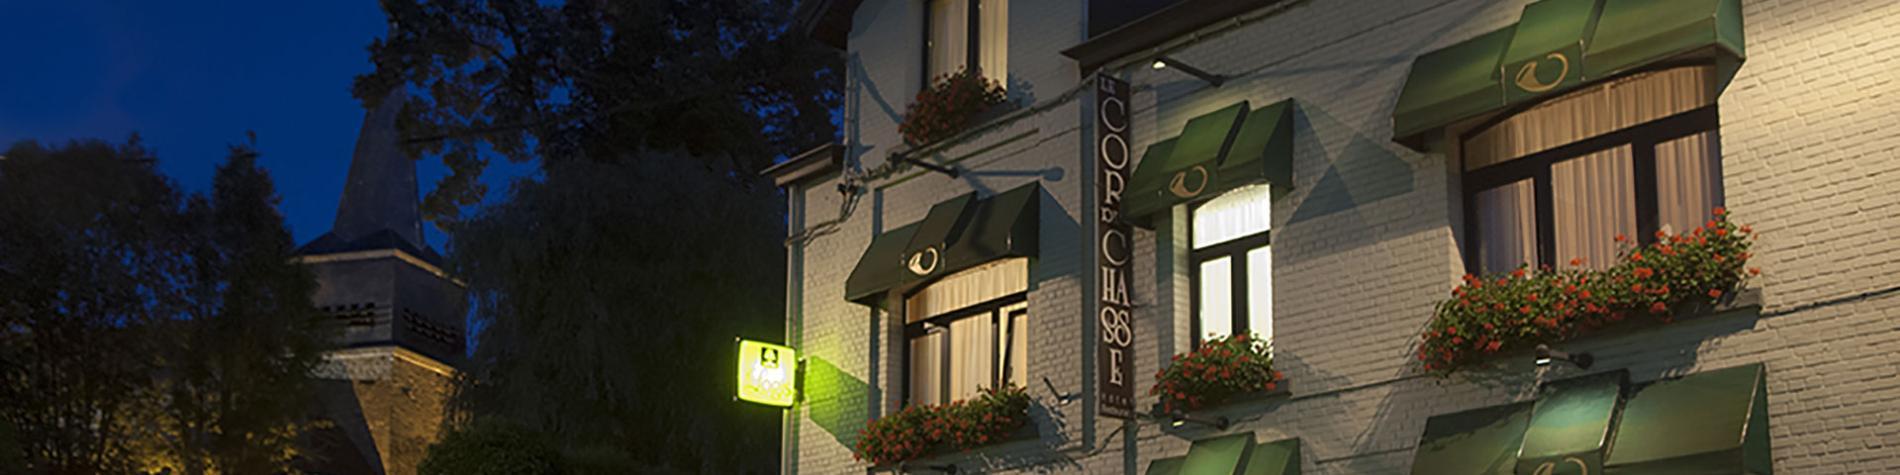 Hôtel - Le Cor de Chasse - Saint-Hubert